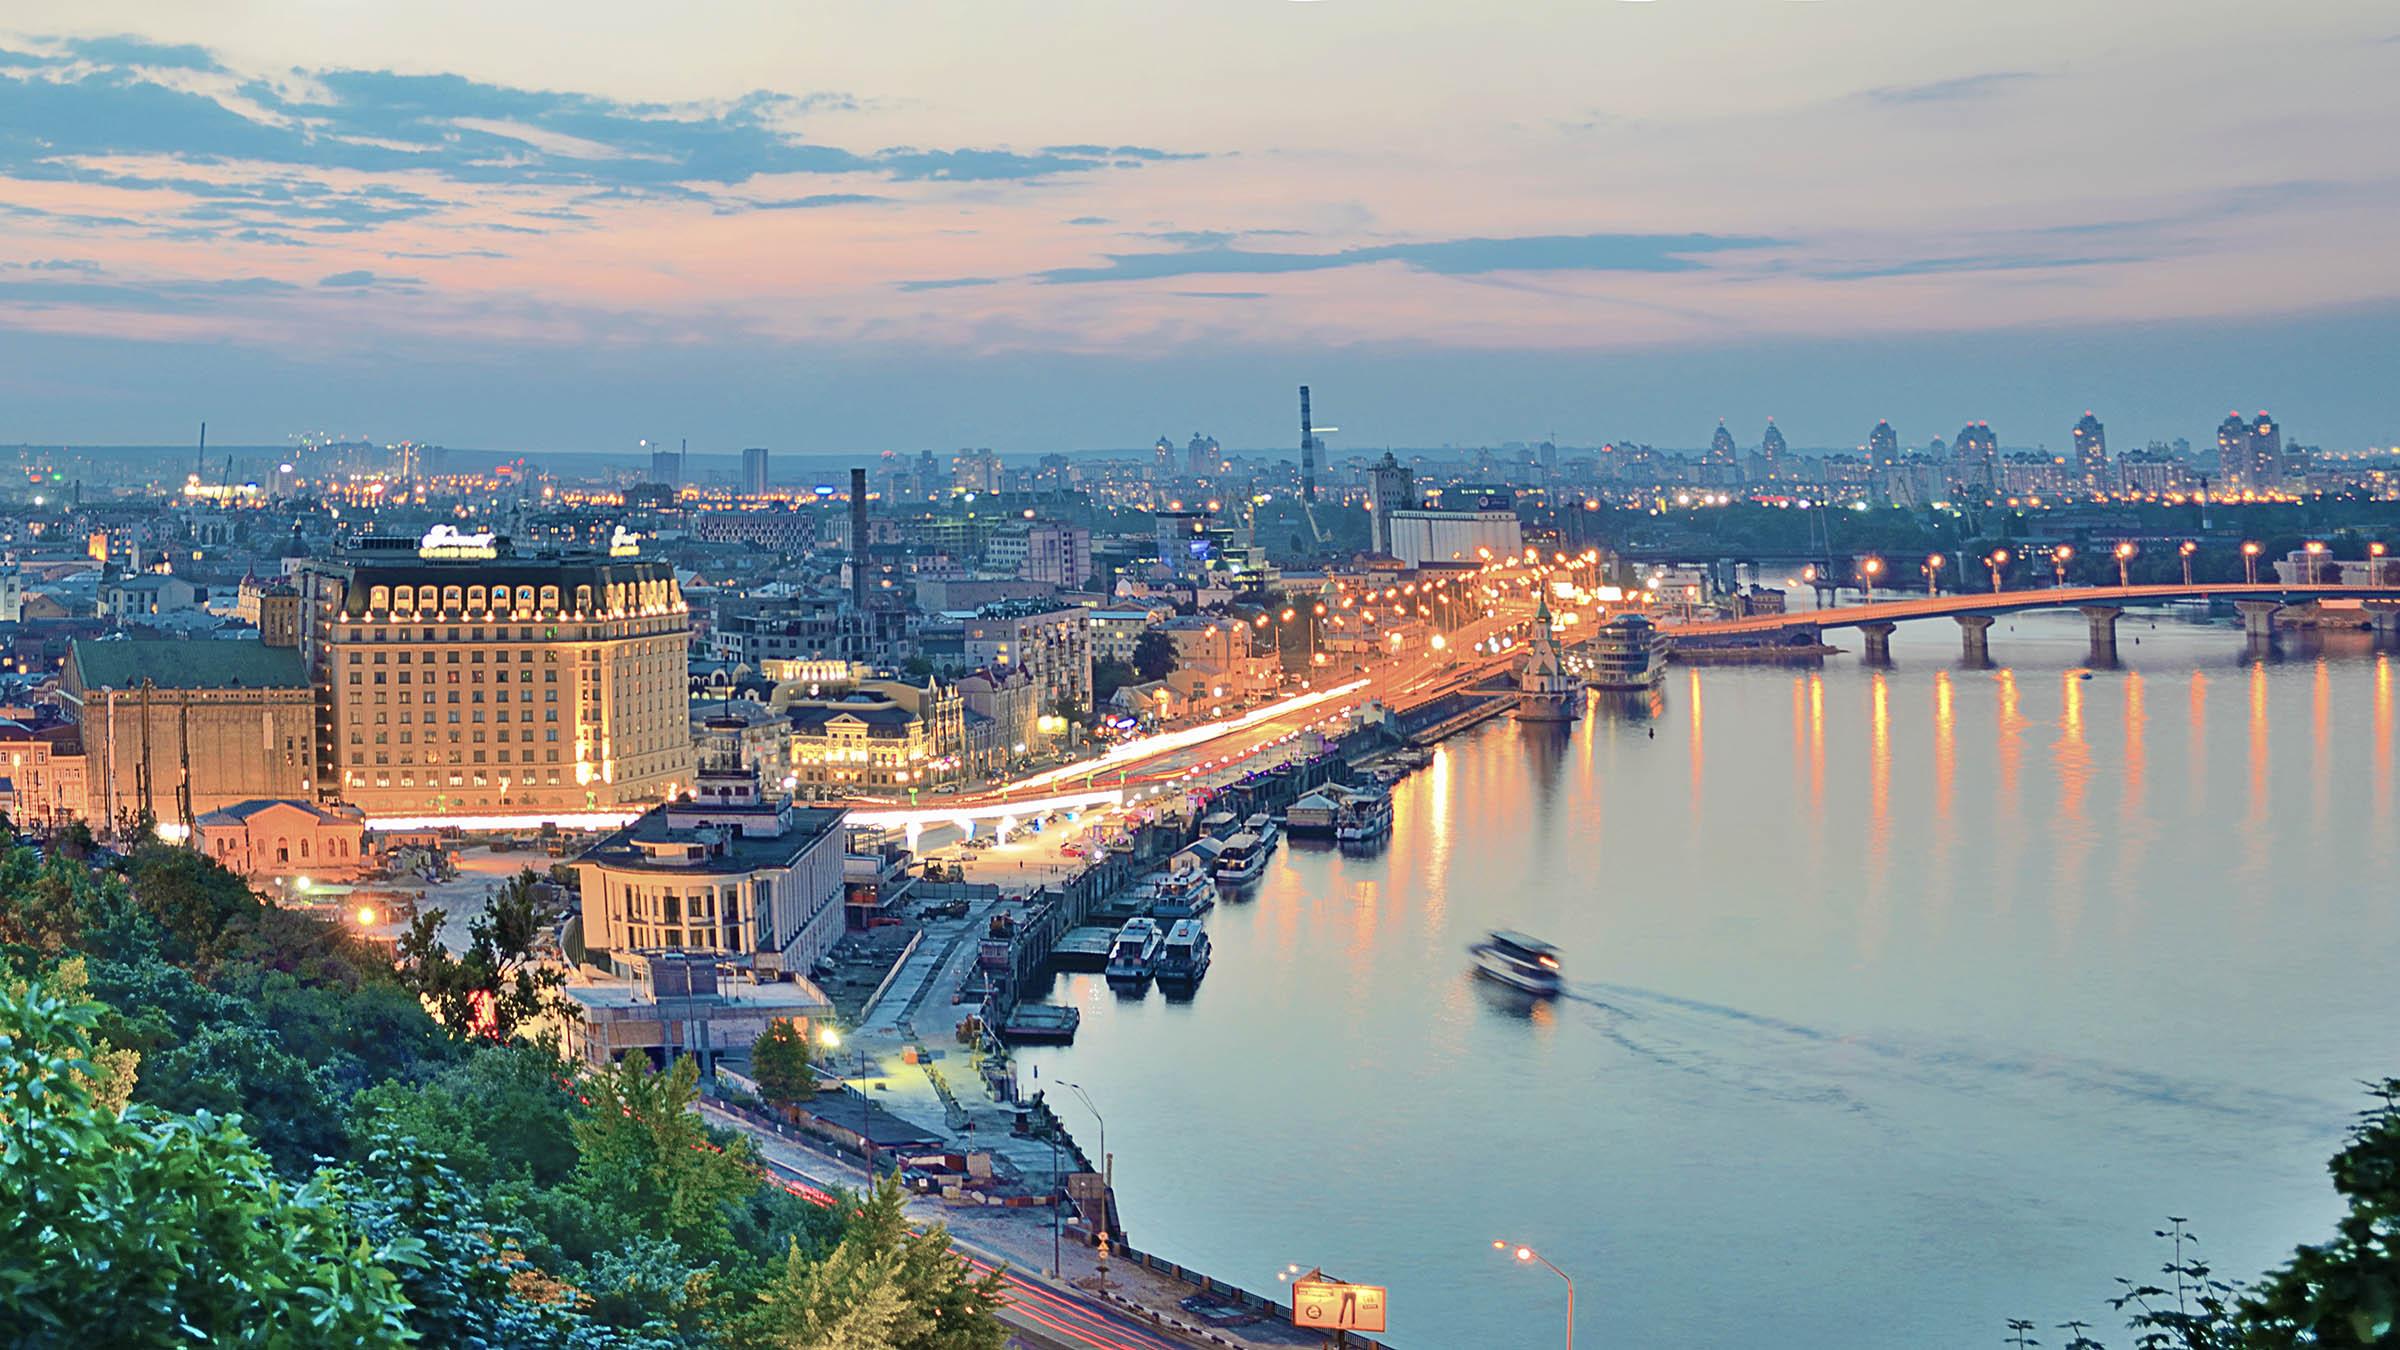 Vuelos directos a kiev ucrania desde barcelona con vueling for Vuelos de barcelona a paris low cost